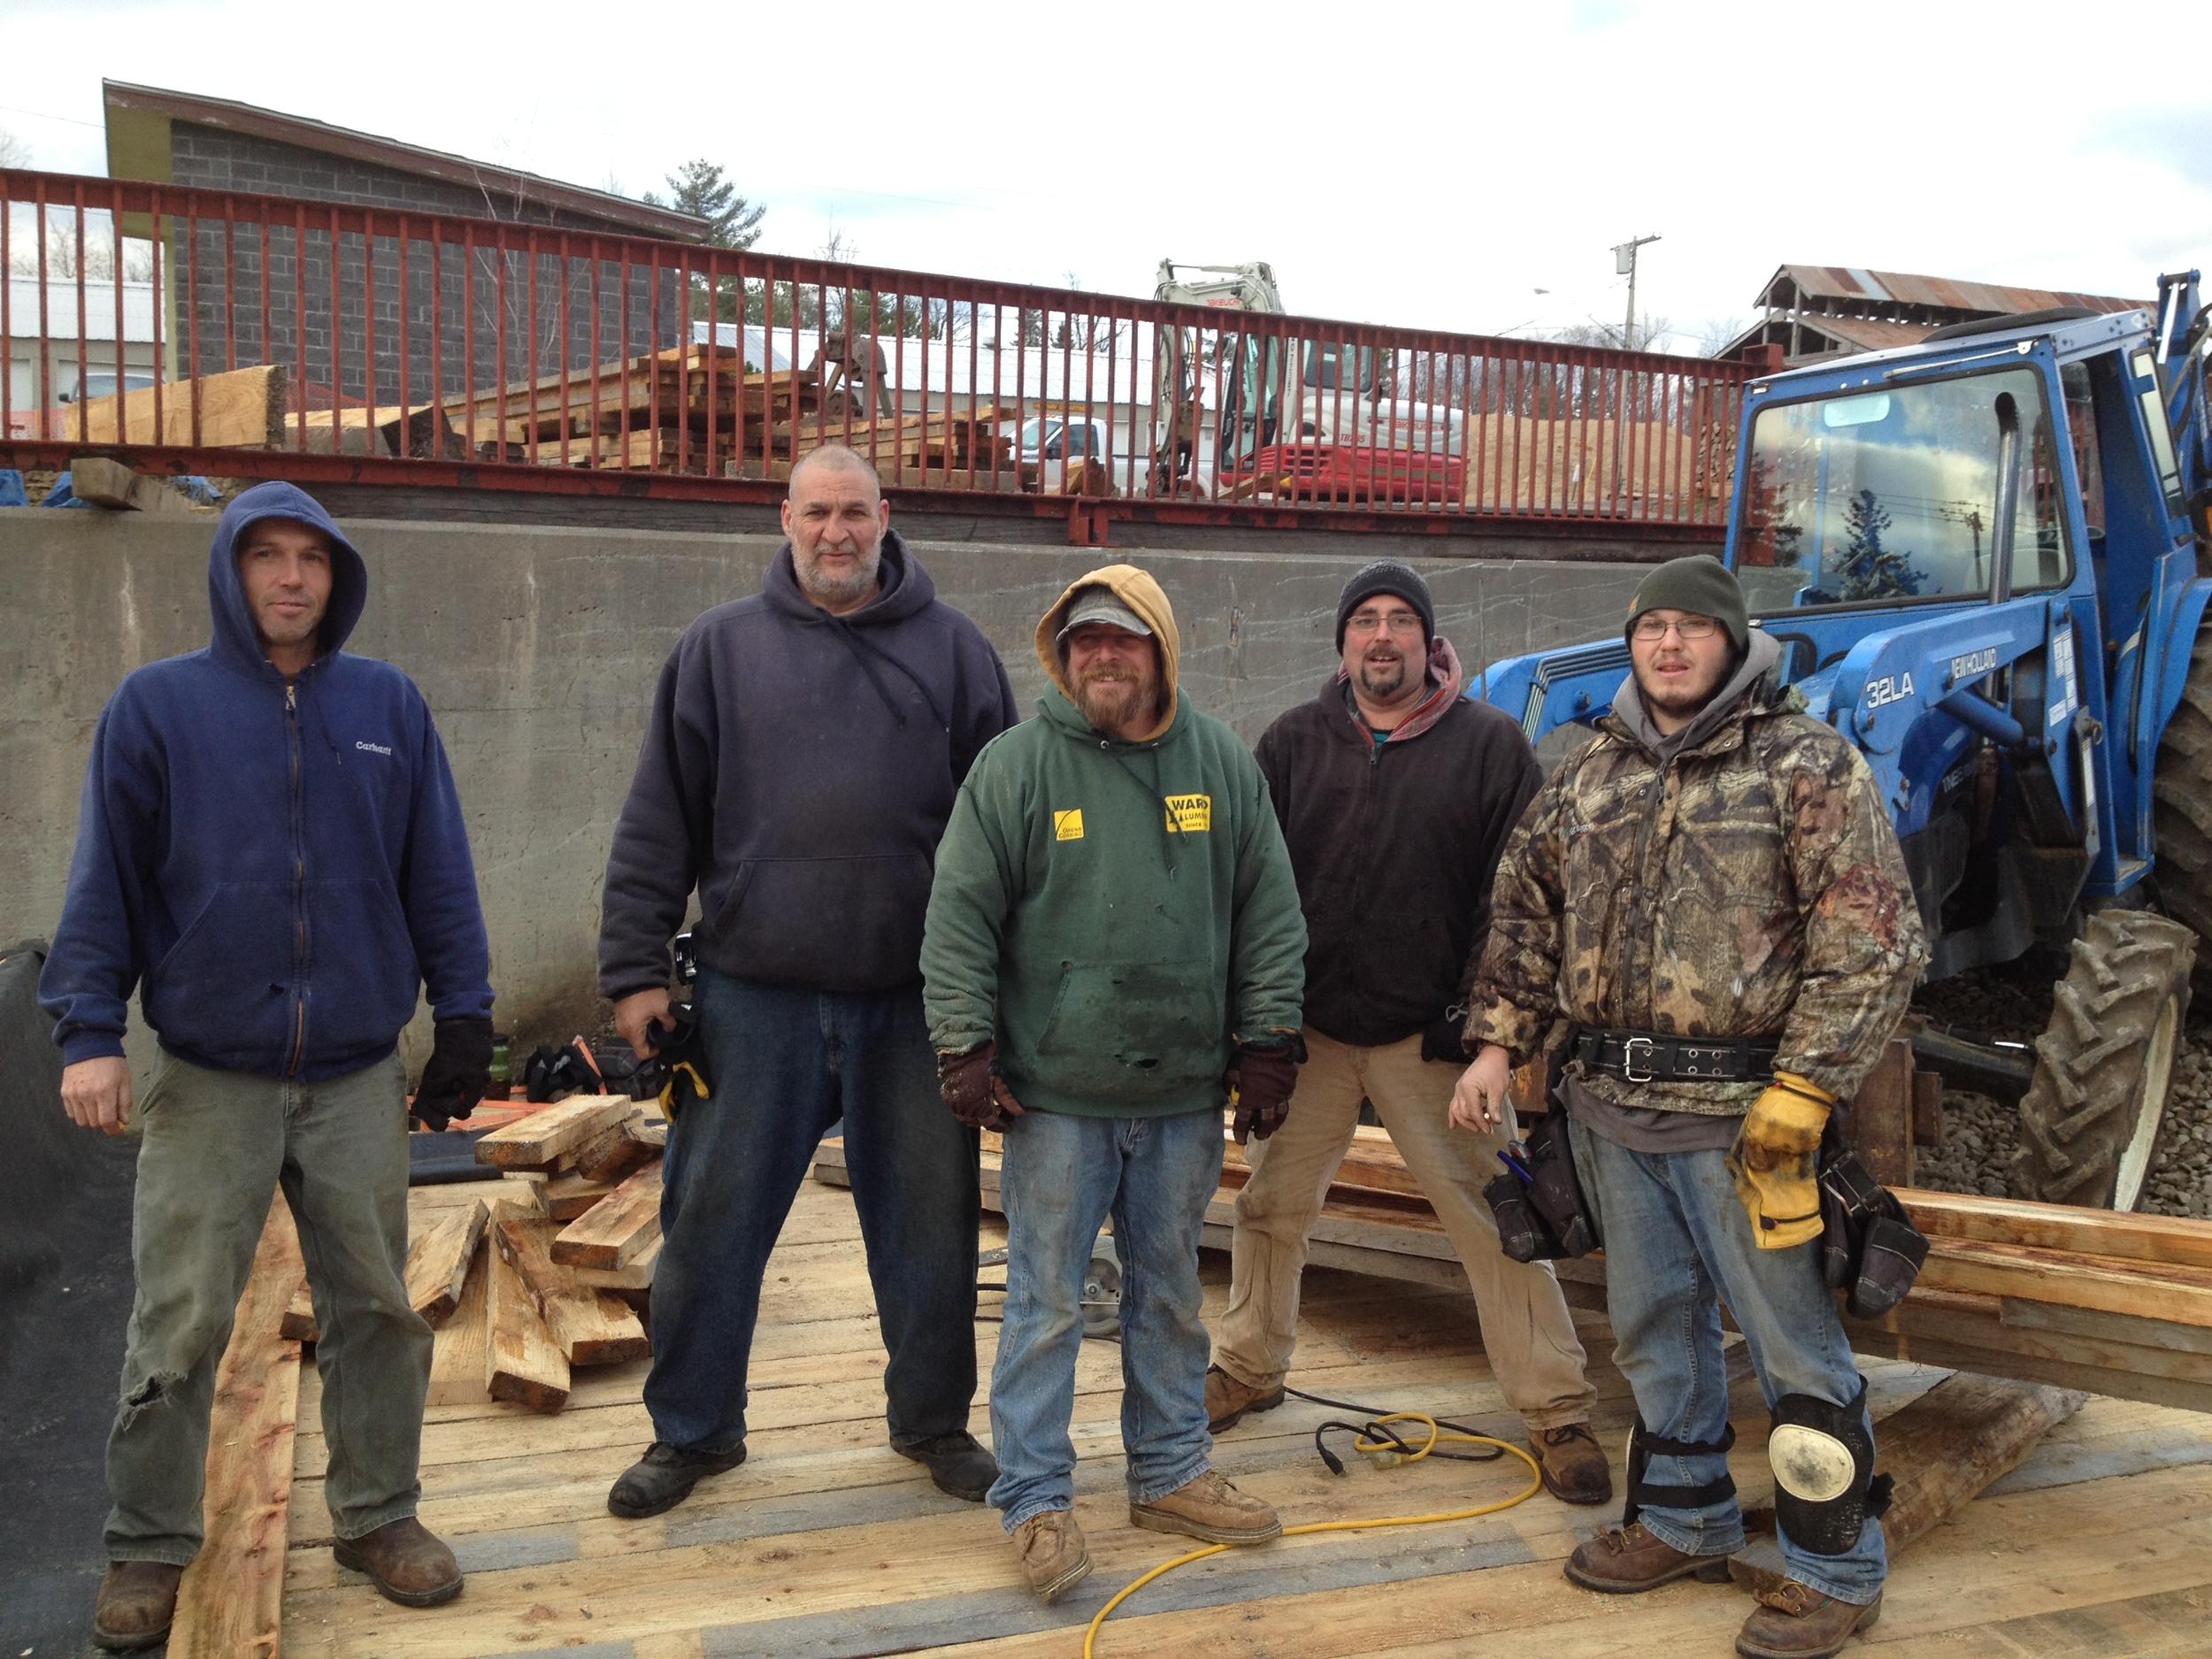 Our crew: Bob, Dar, Rodney, Jack, Mike.